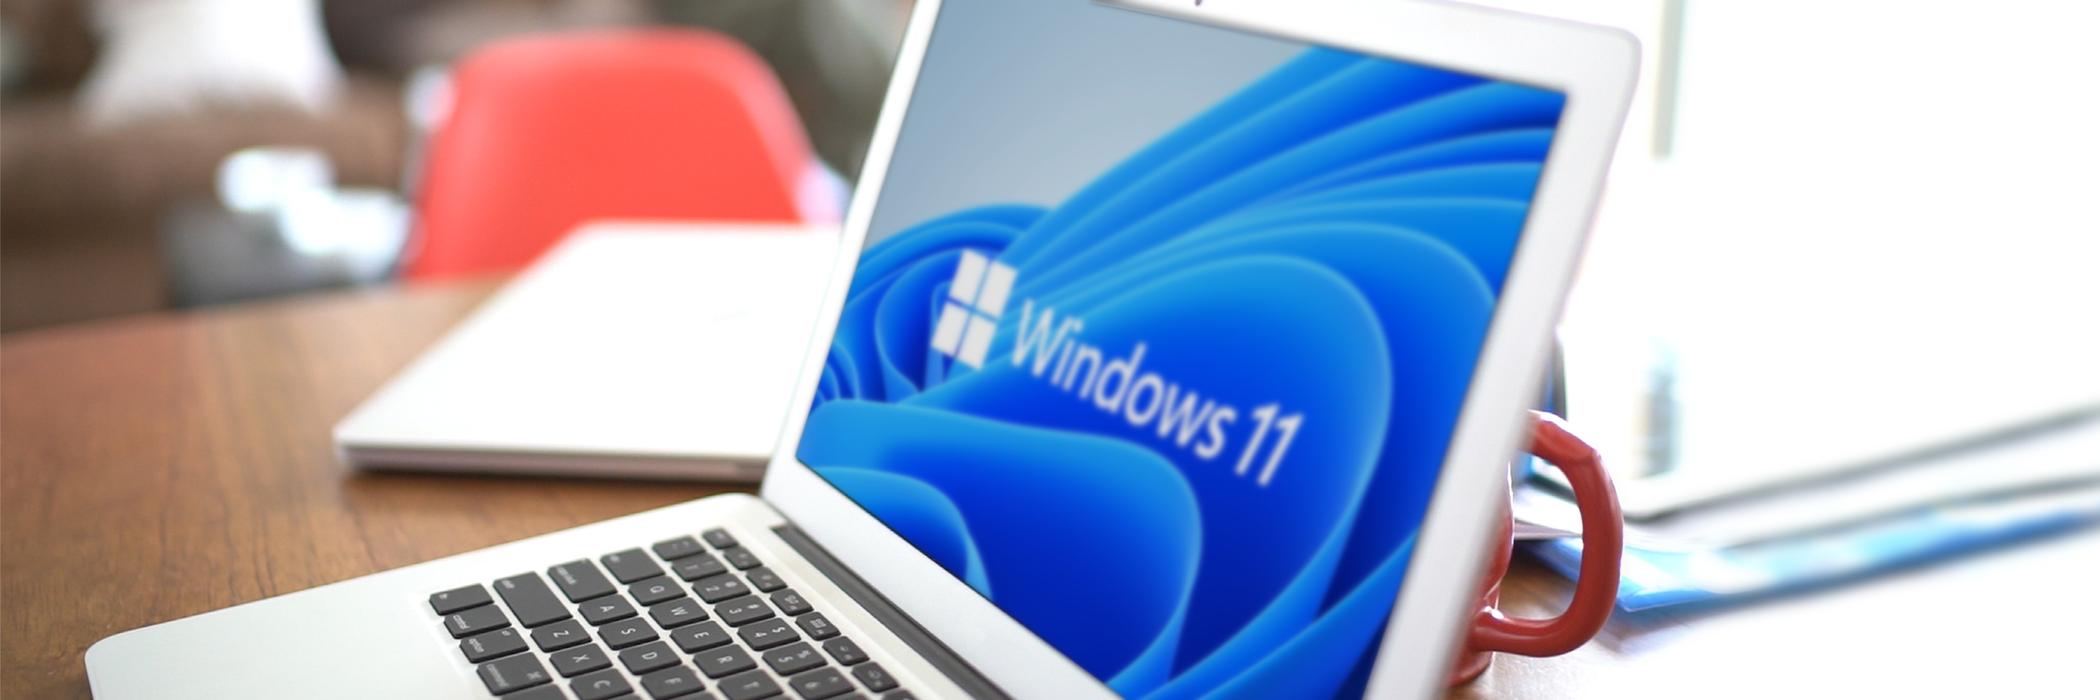 Laptop screen displaying Windows 11.